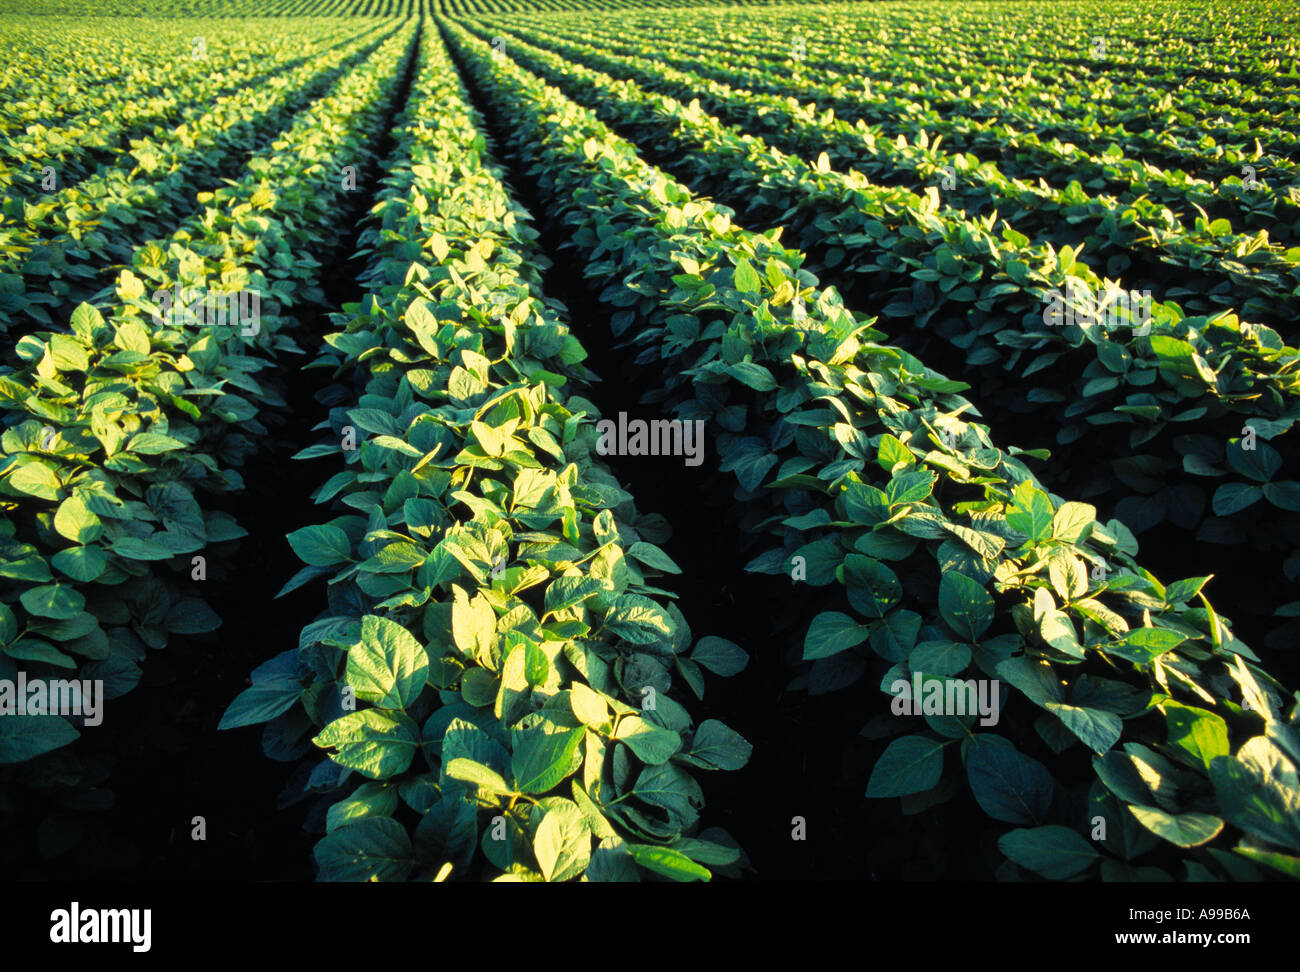 Landwirtschaft - Mitte Wachstumsfeld Soja / Iowa, USA. Stockbild